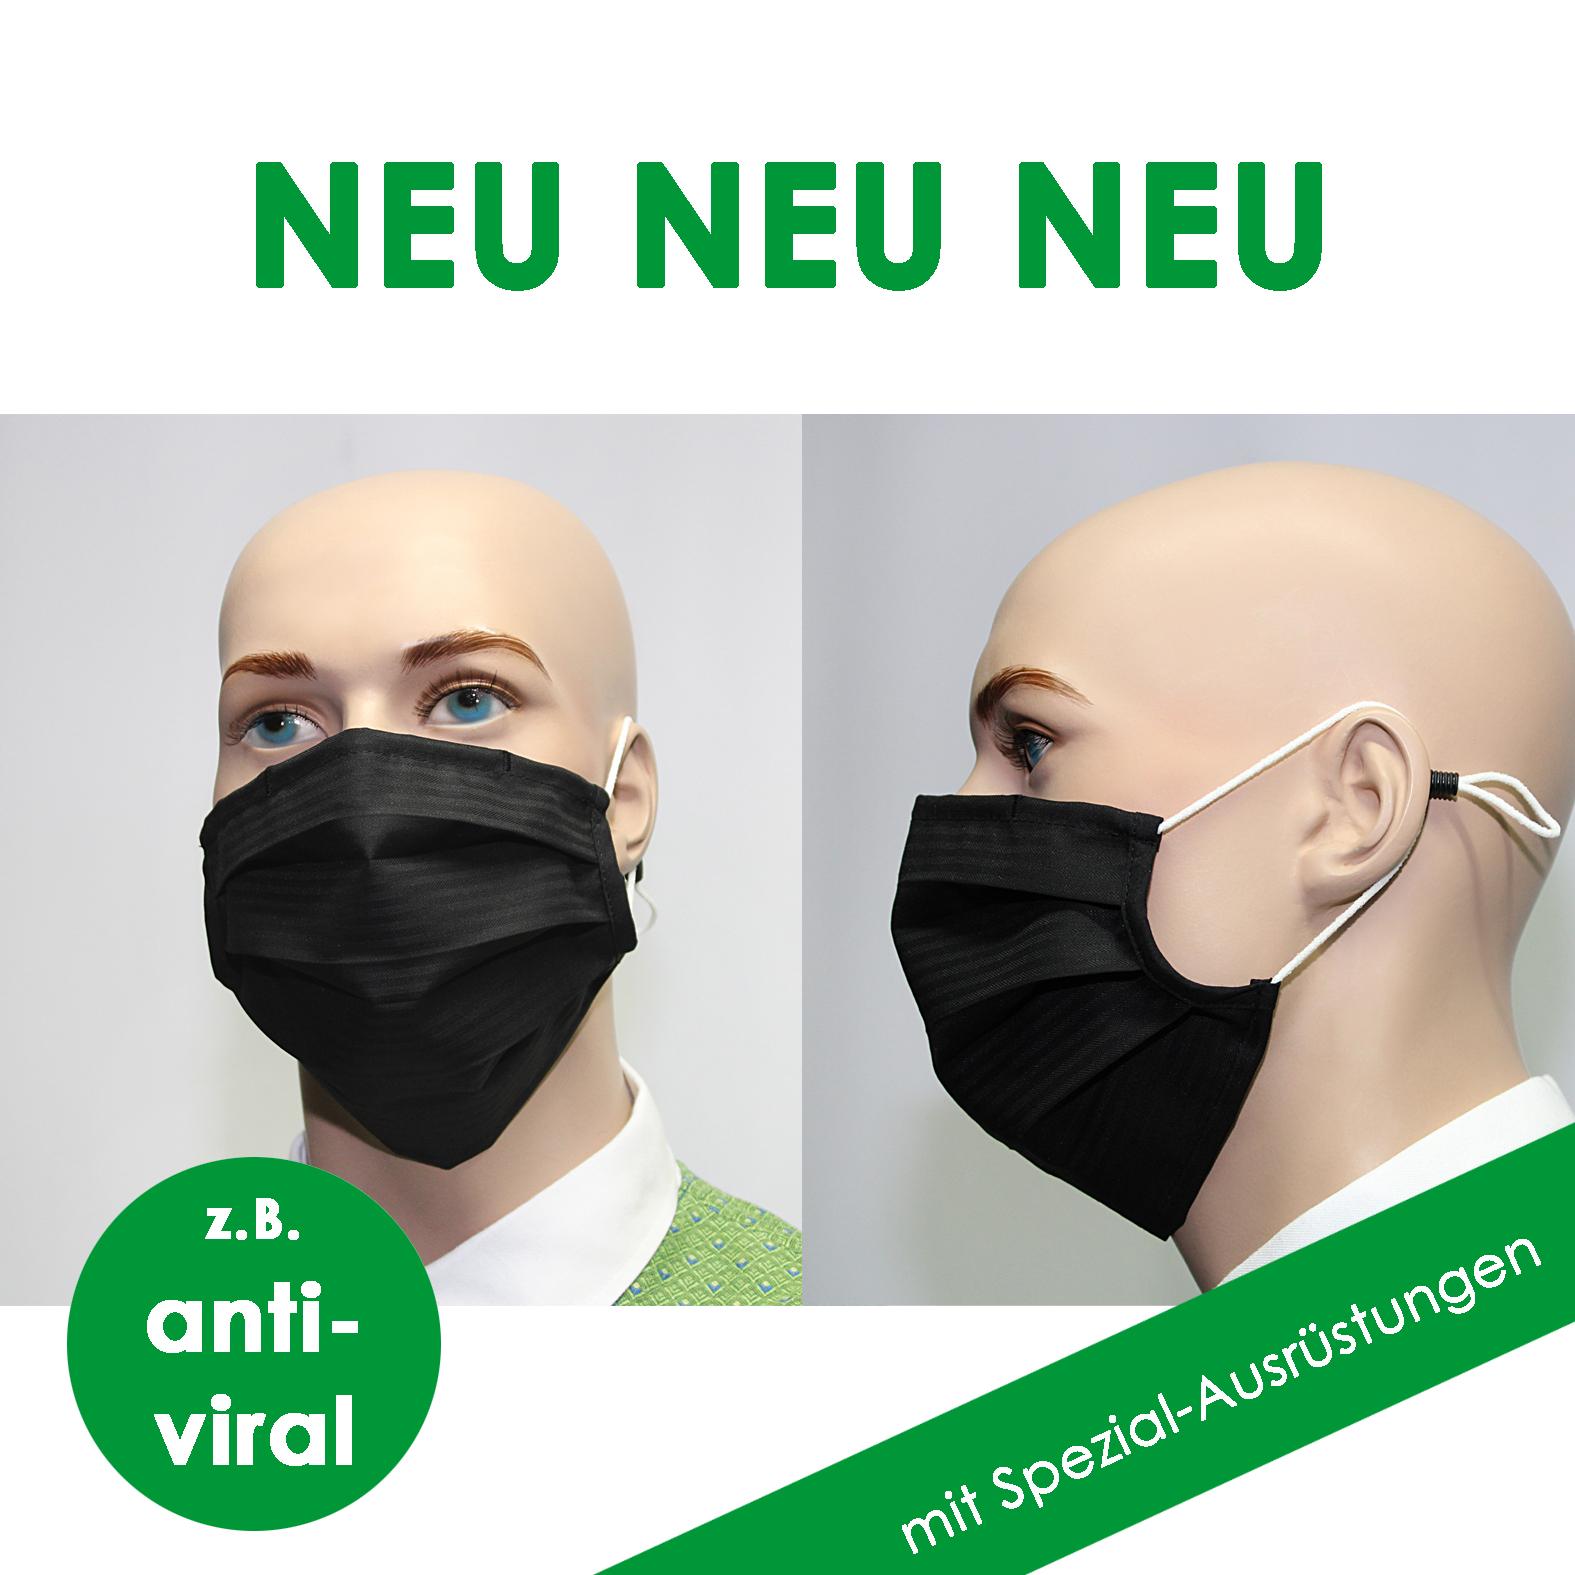 NEUE Modelle, antibakteriell / antivirell